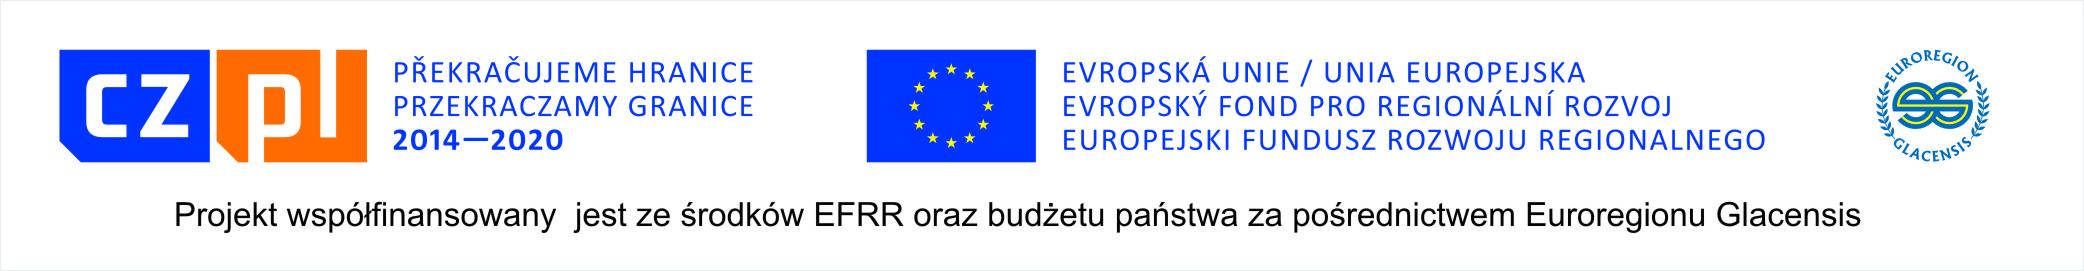 logo Fundusz Mikroprojektów w Euroregionie Glacensis